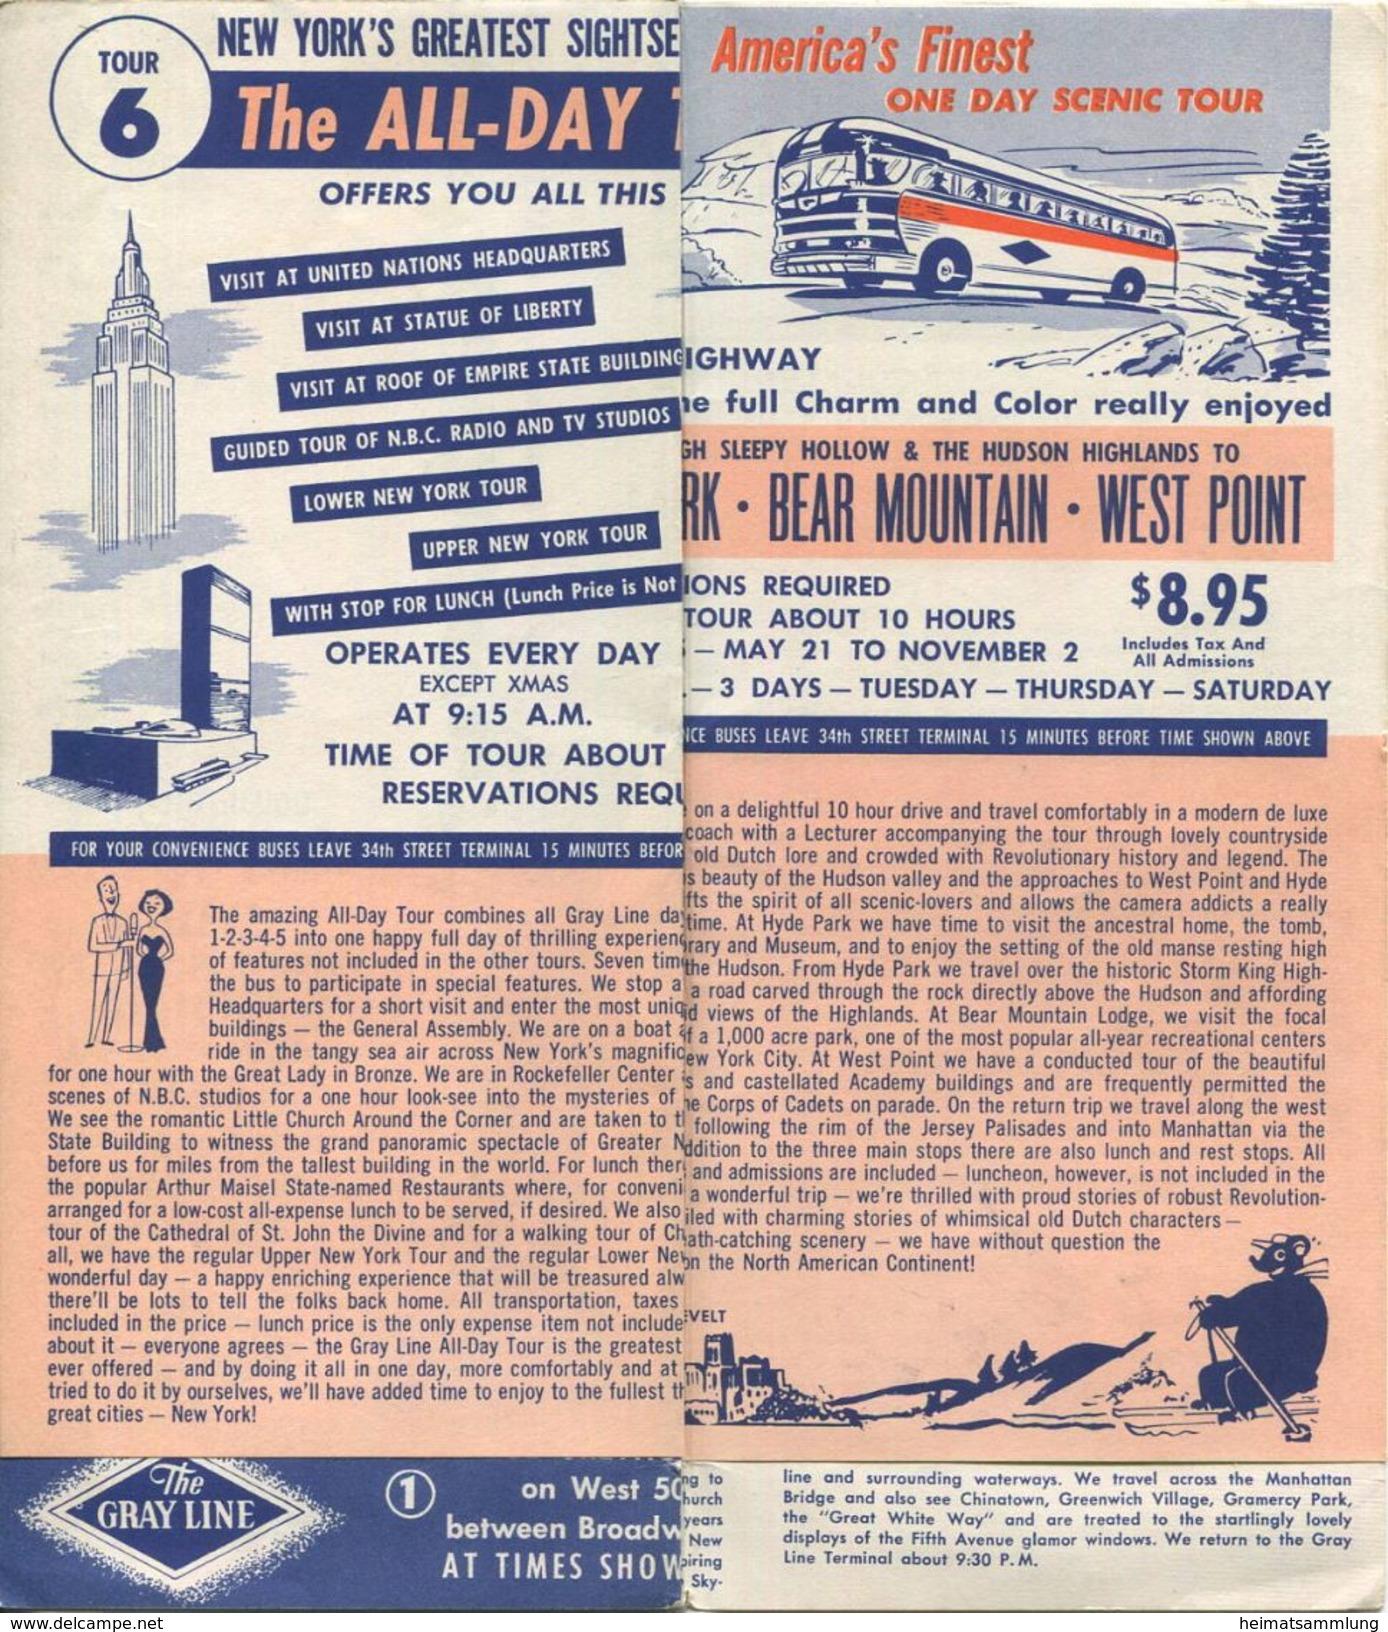 The Gray Line - Sightseeing New York - Faltblatt 1957 - Welt